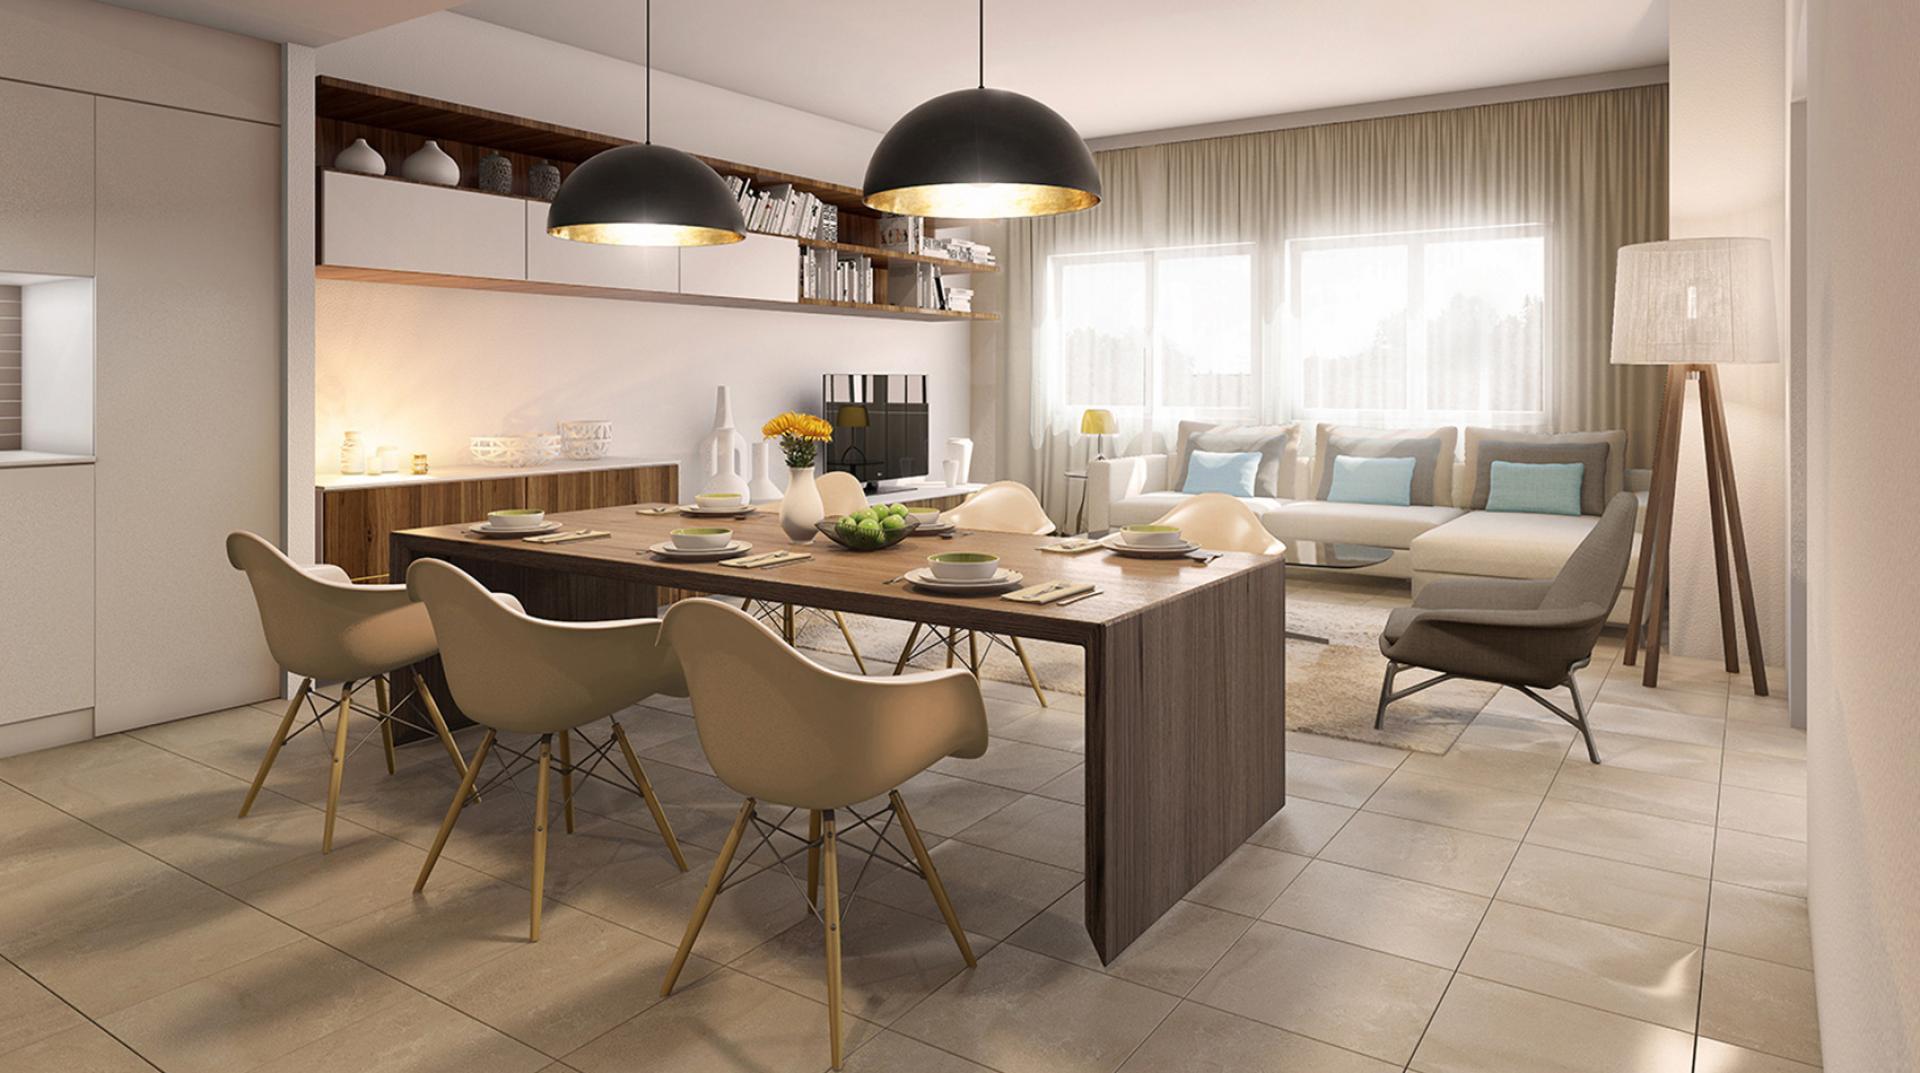 Adosado en venta en Dubai, EAU, 3 dormitorios, 192 m2, № 24024 – foto 1